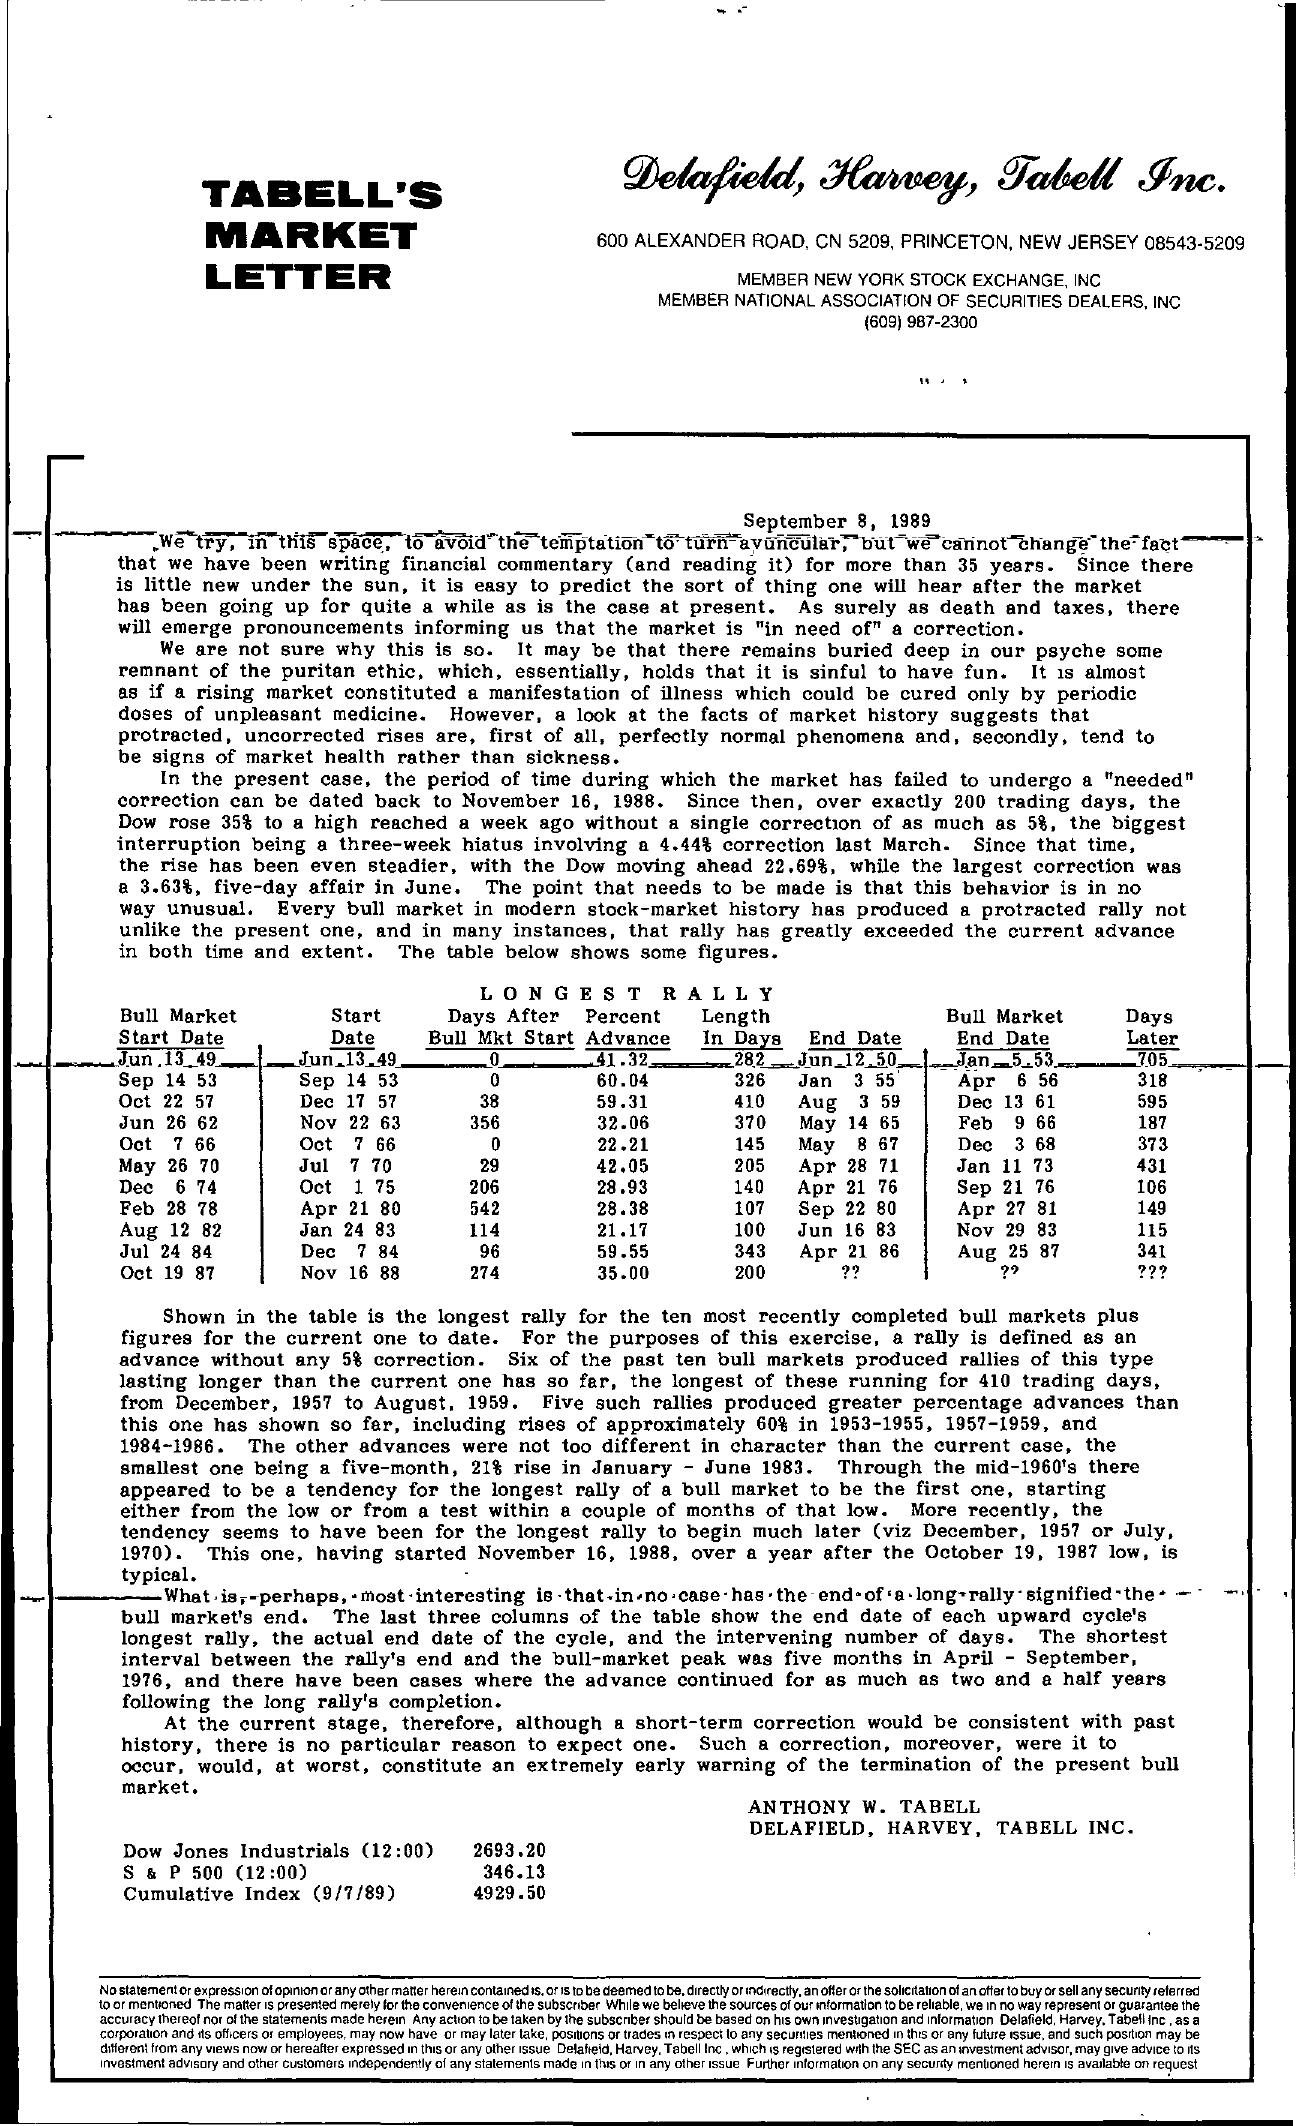 Tabell's Market Letter - September 08, 1989